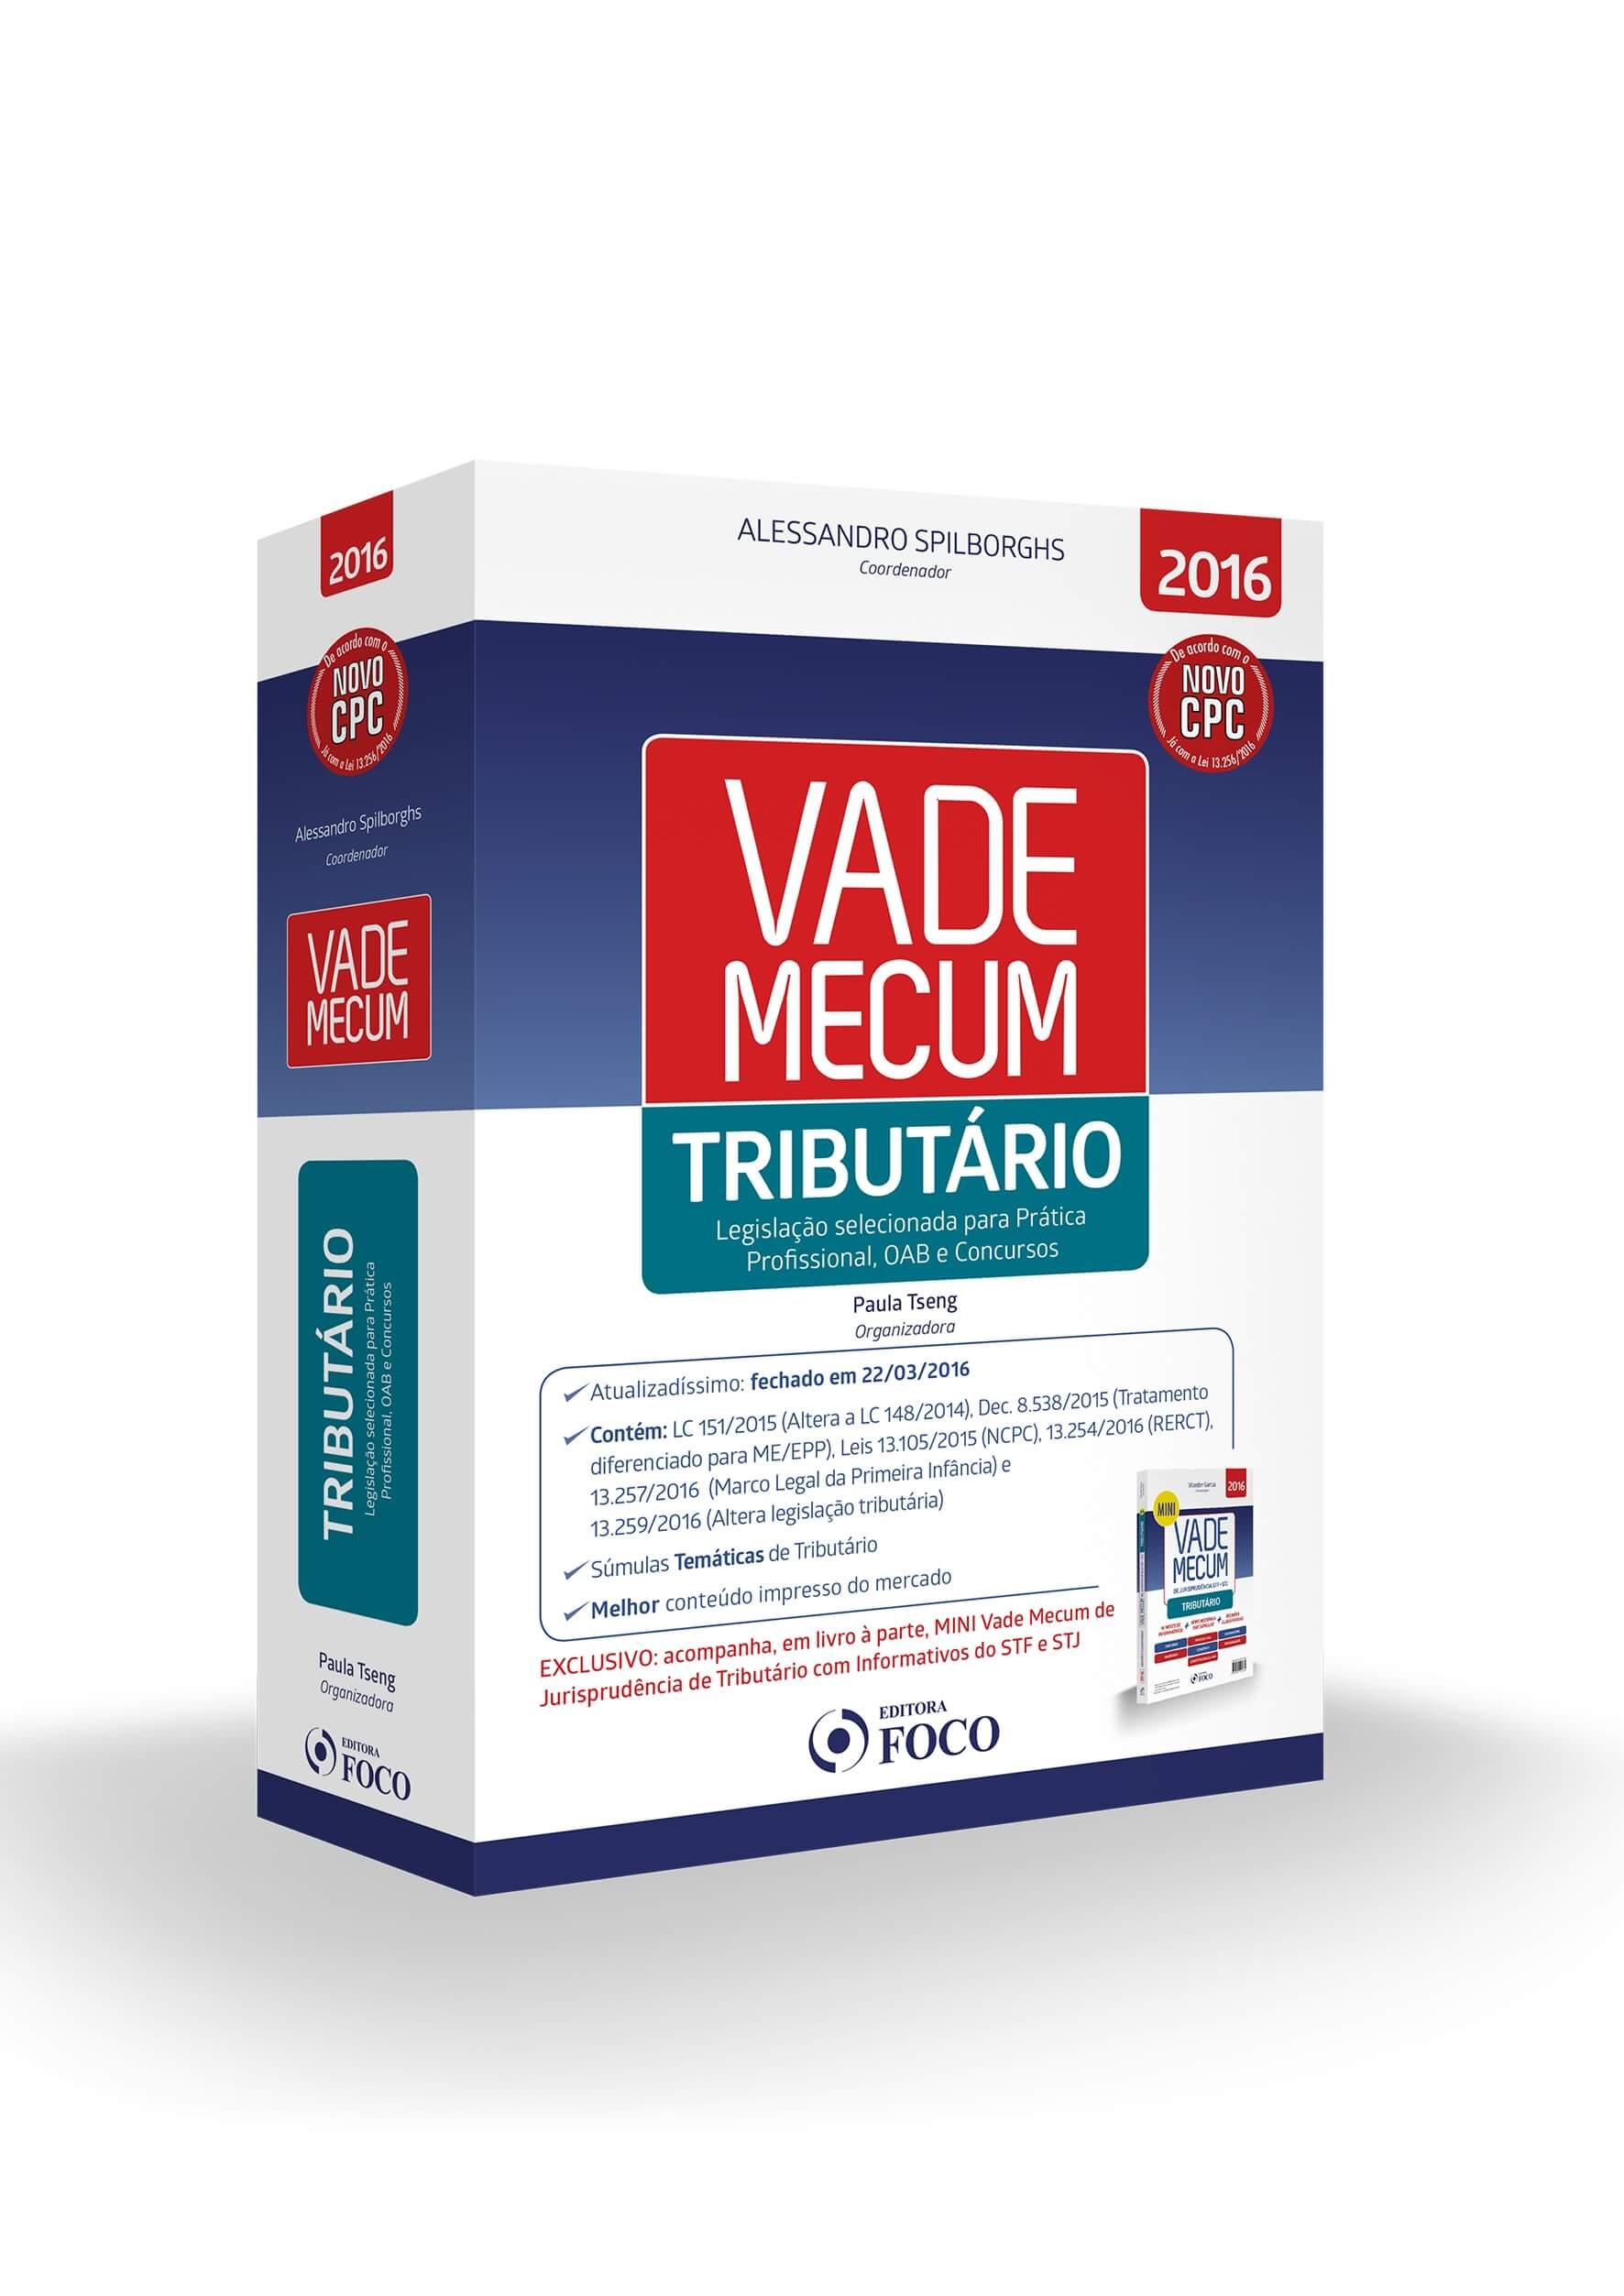 VADE MECUM DE LEGISLAÇÃO - TRIBUTÁRIO - 1ª ED - 2016 + BRINDE MINI VADE MECUM JURISP. TRIBUTAR. 2016